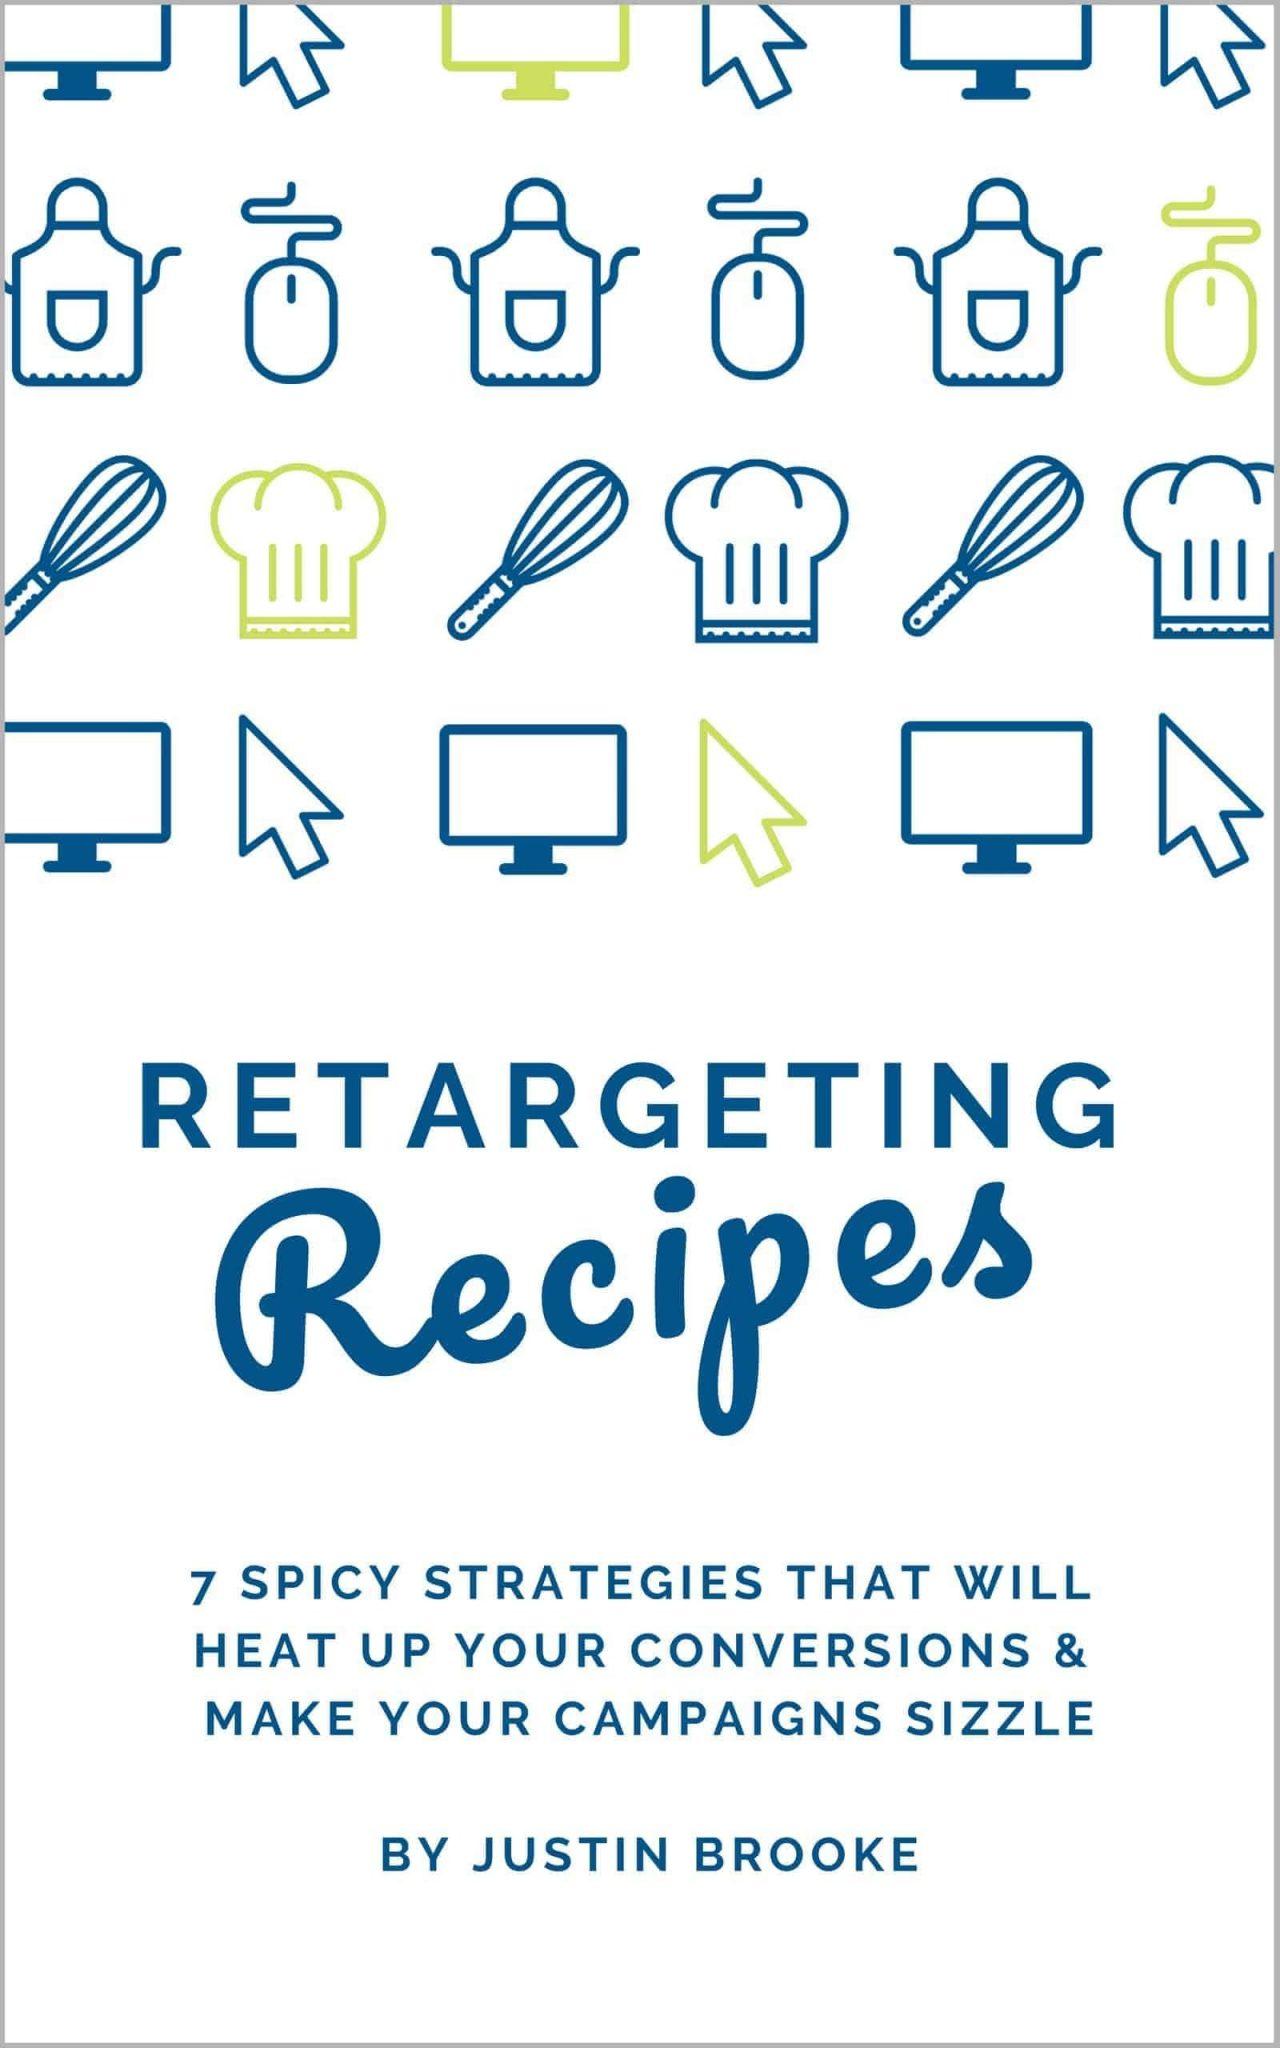 在花费了1000多万美元在网络广告之后。。。(Retargeting Recipes)